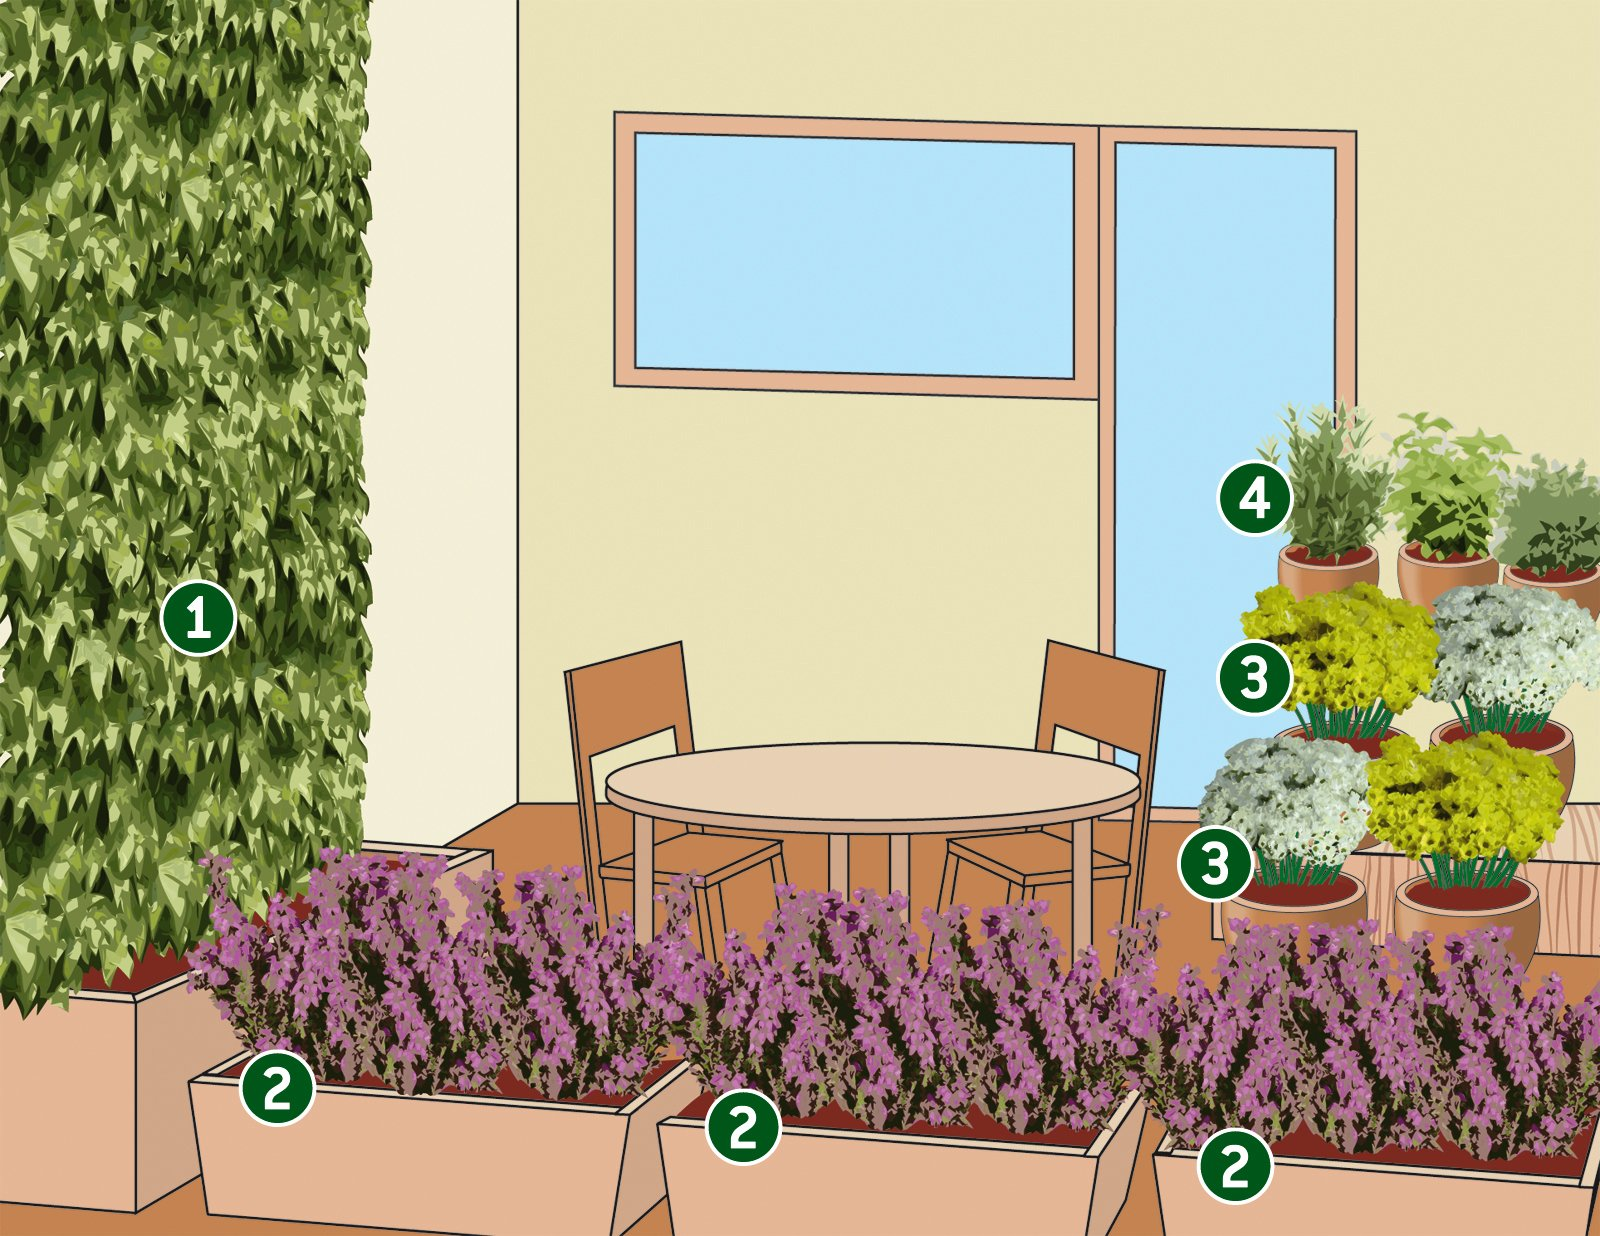 Progettare il terrazzo autunnale con fiori e piante colorati - Cose di Casa